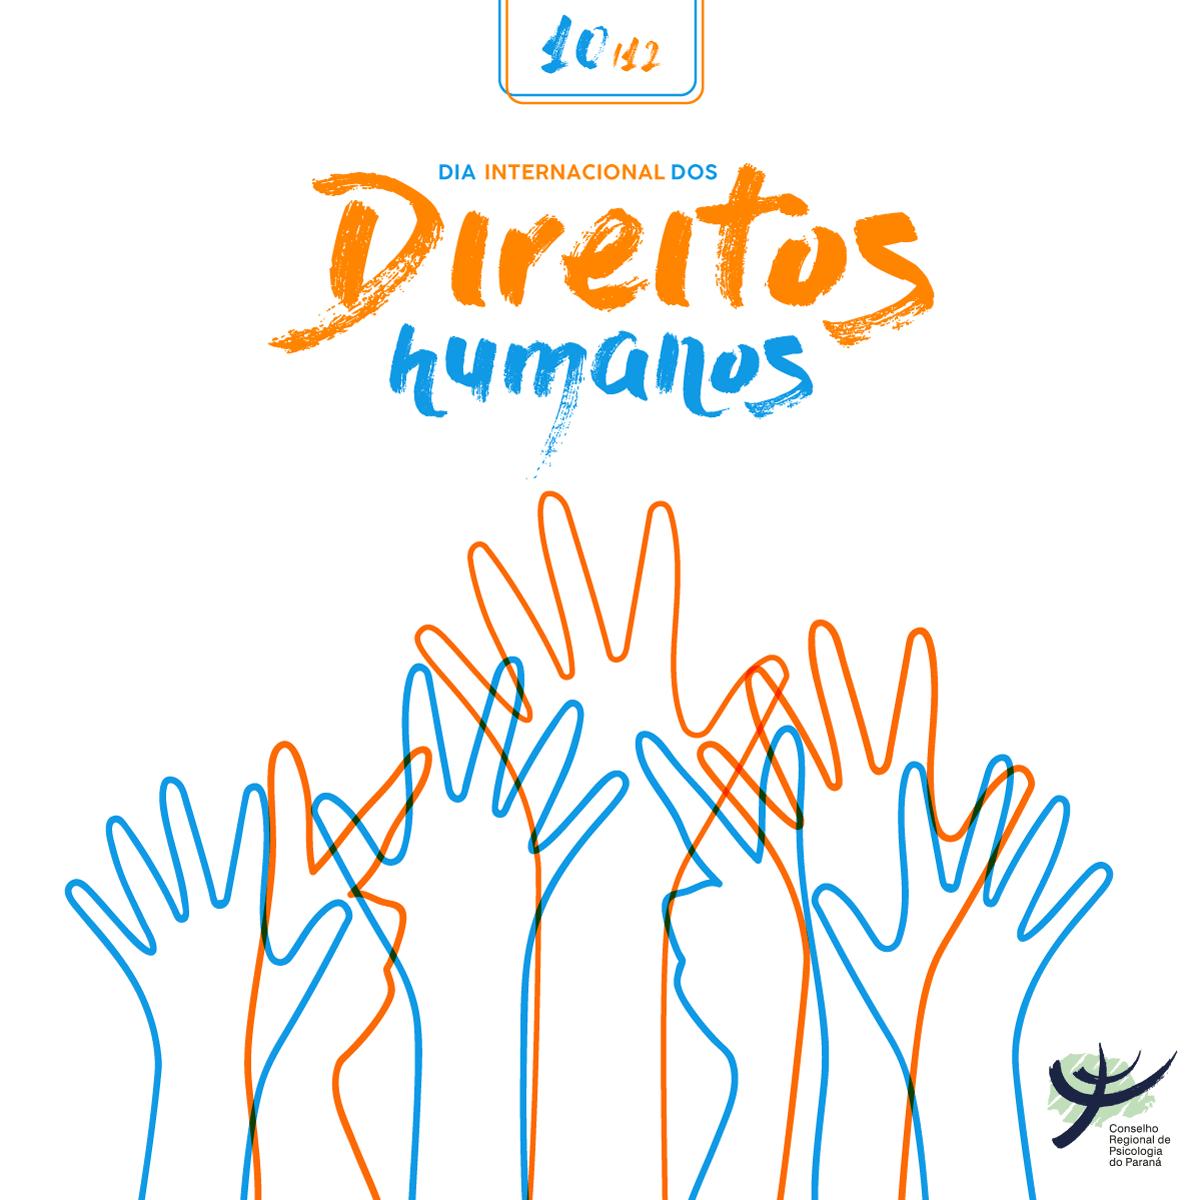 Você sabe o que os Conselhos fazem pelos Direitos Humanos?